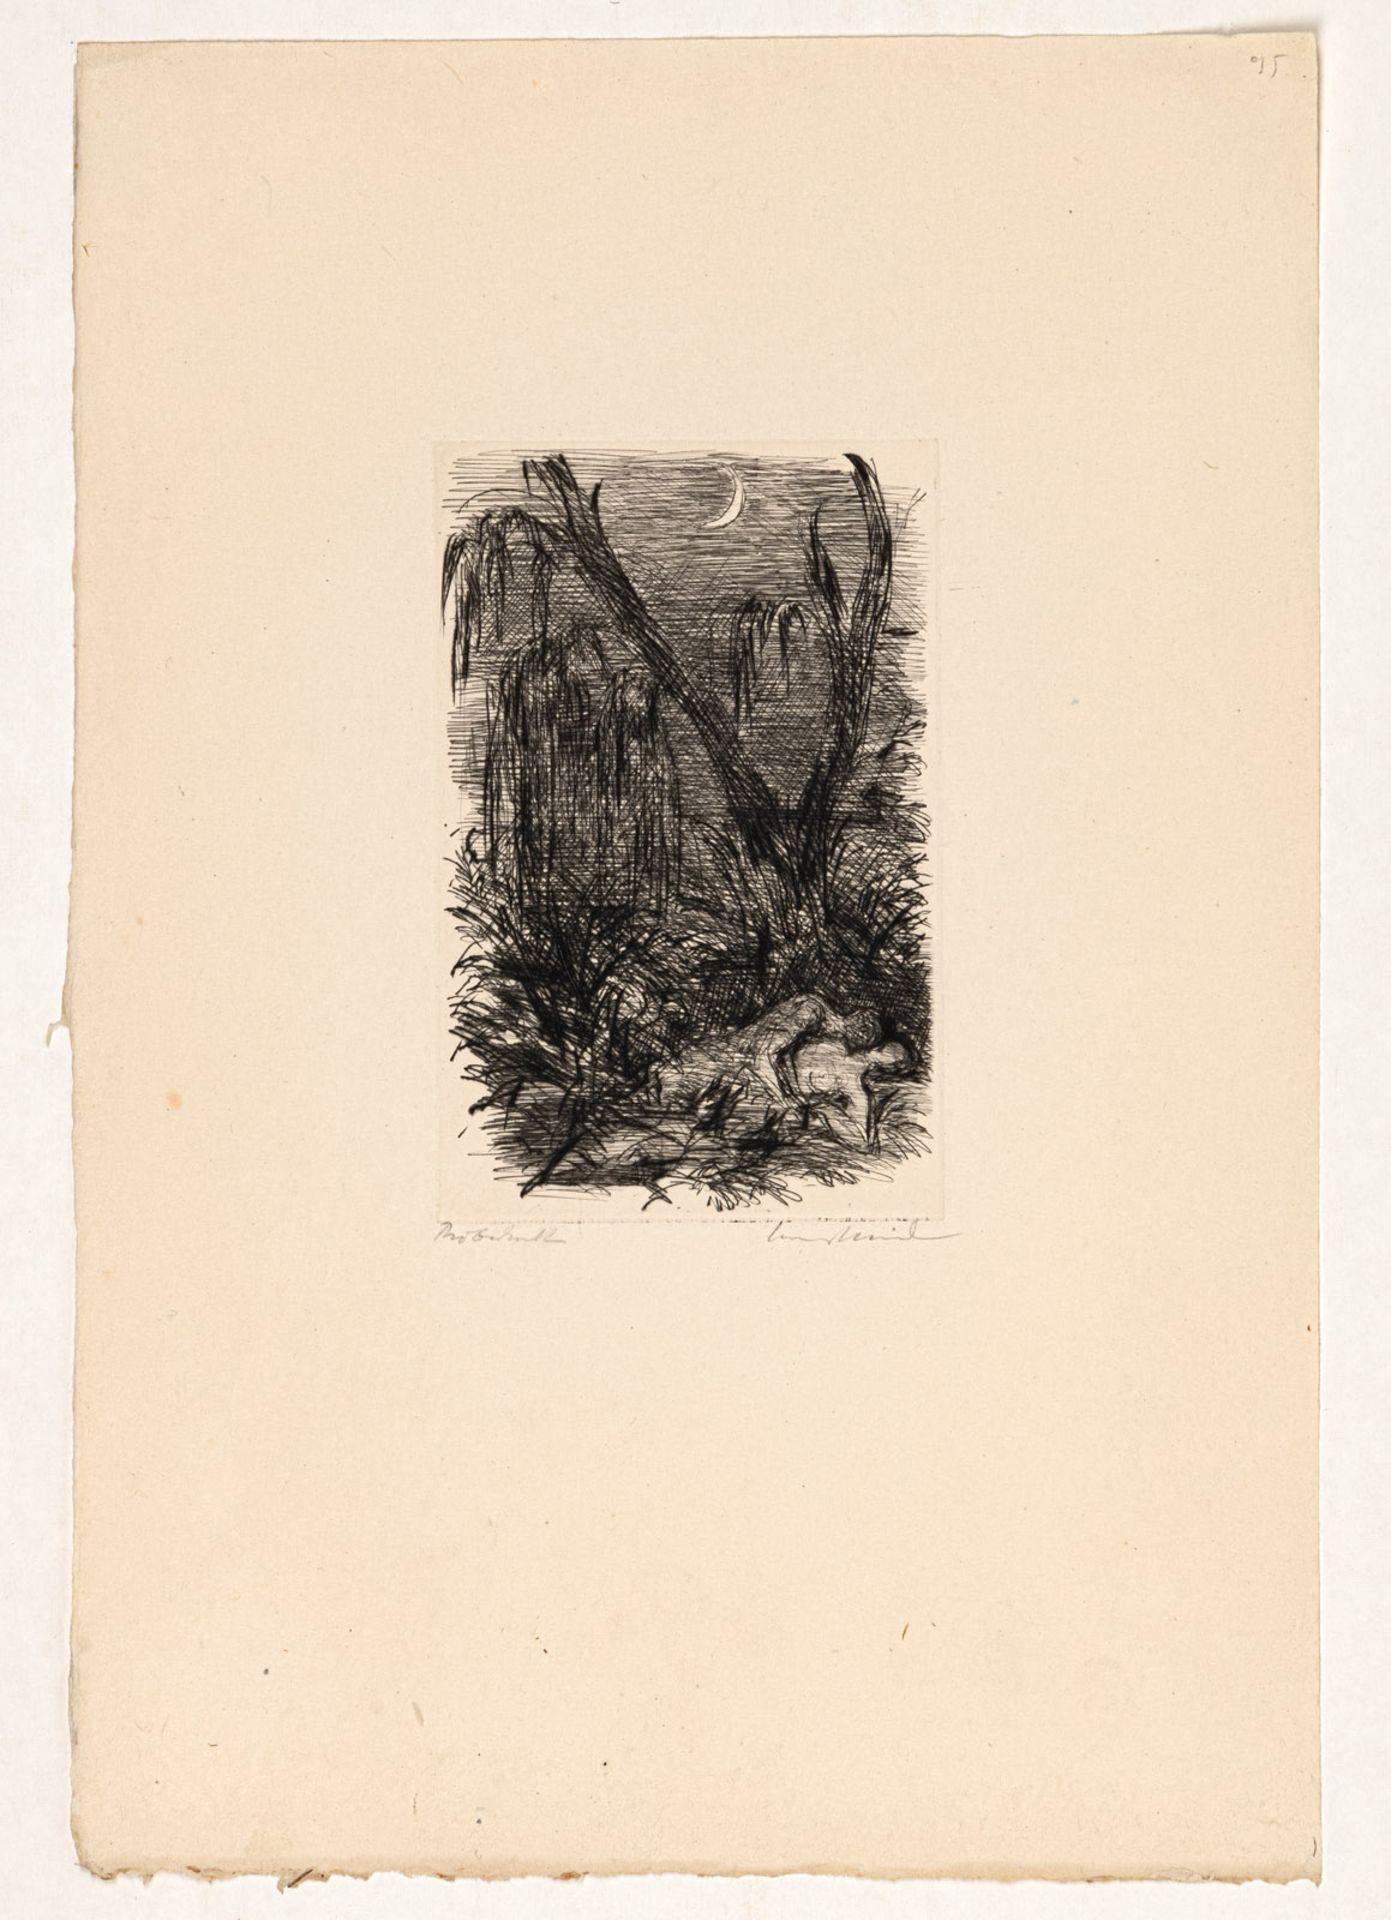 Meid, Hans - Image 11 of 12